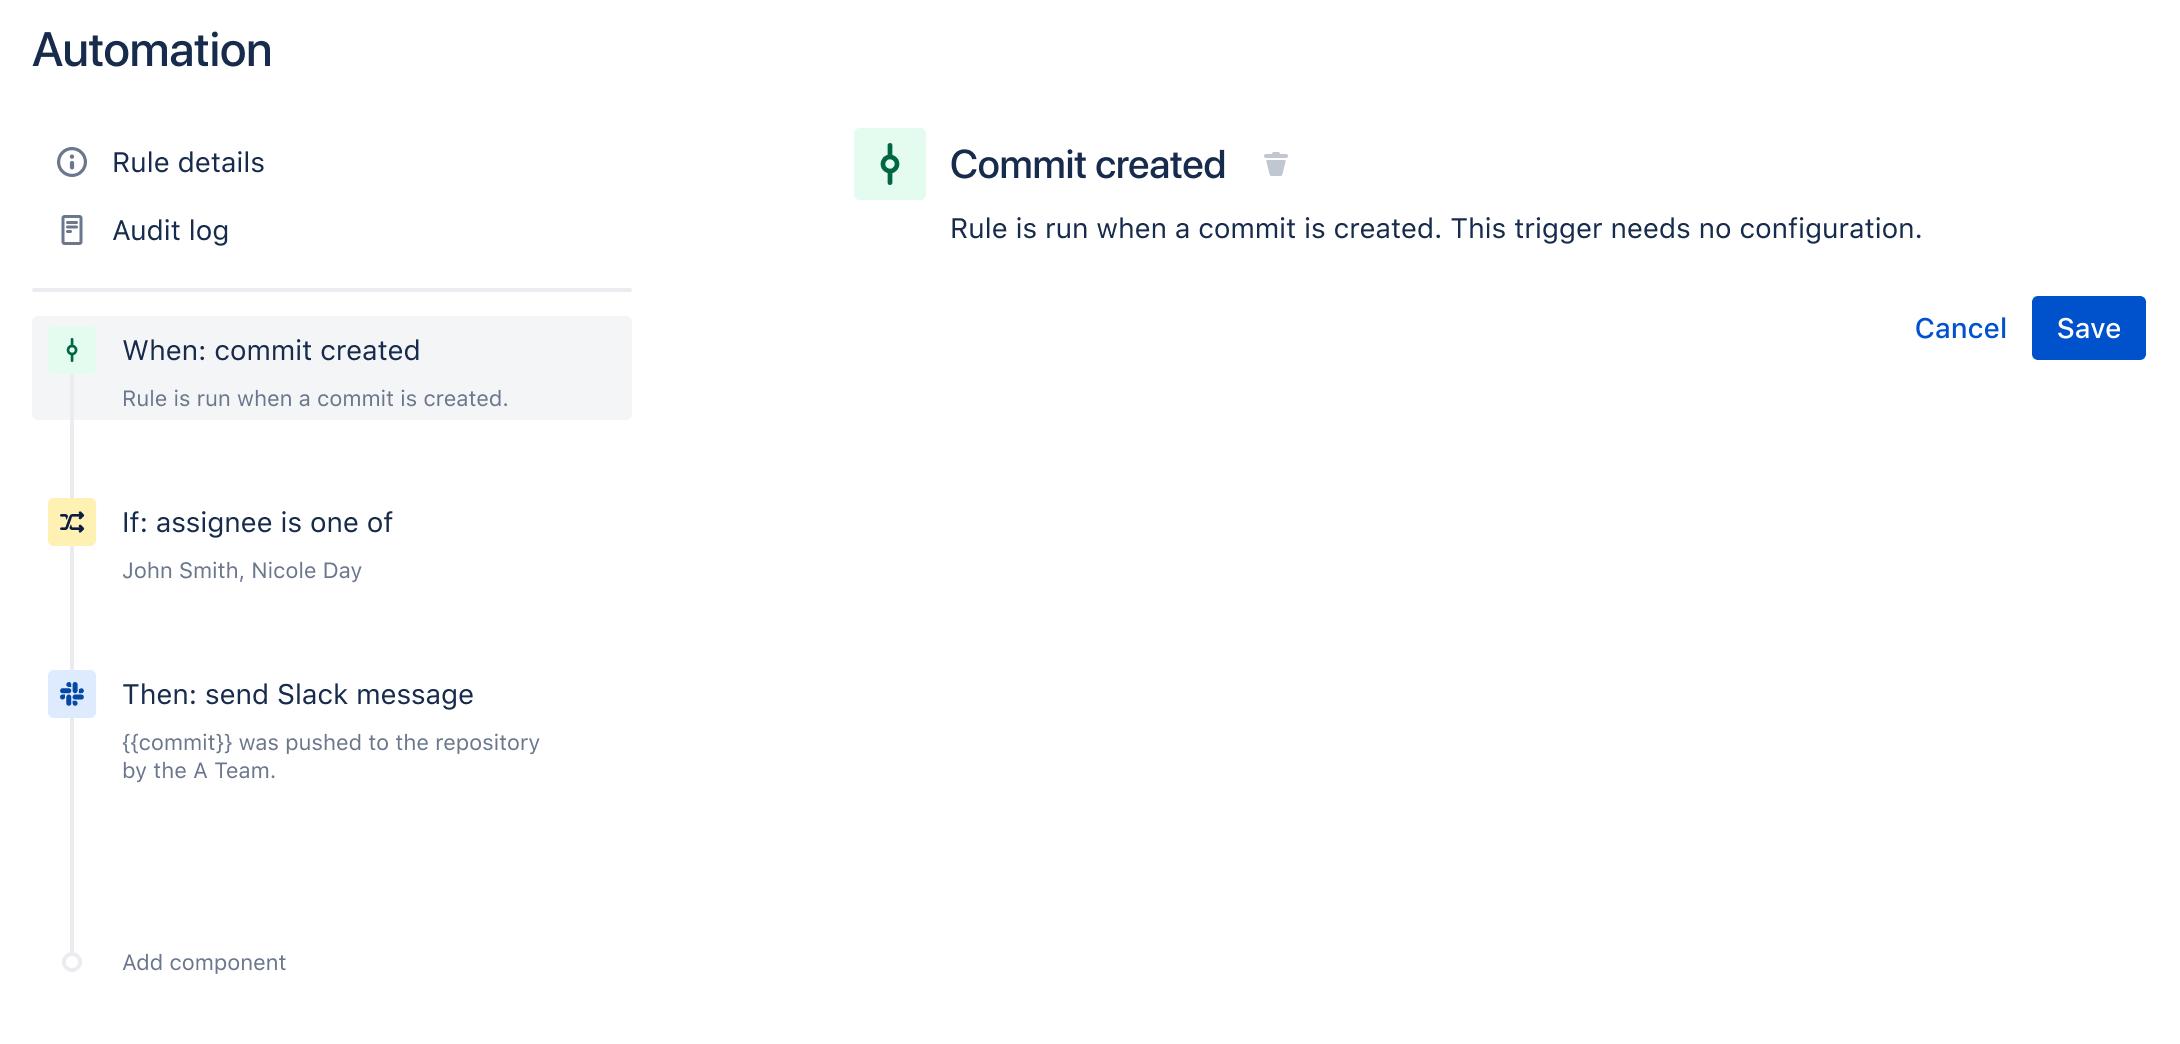 Commit aangemaakt